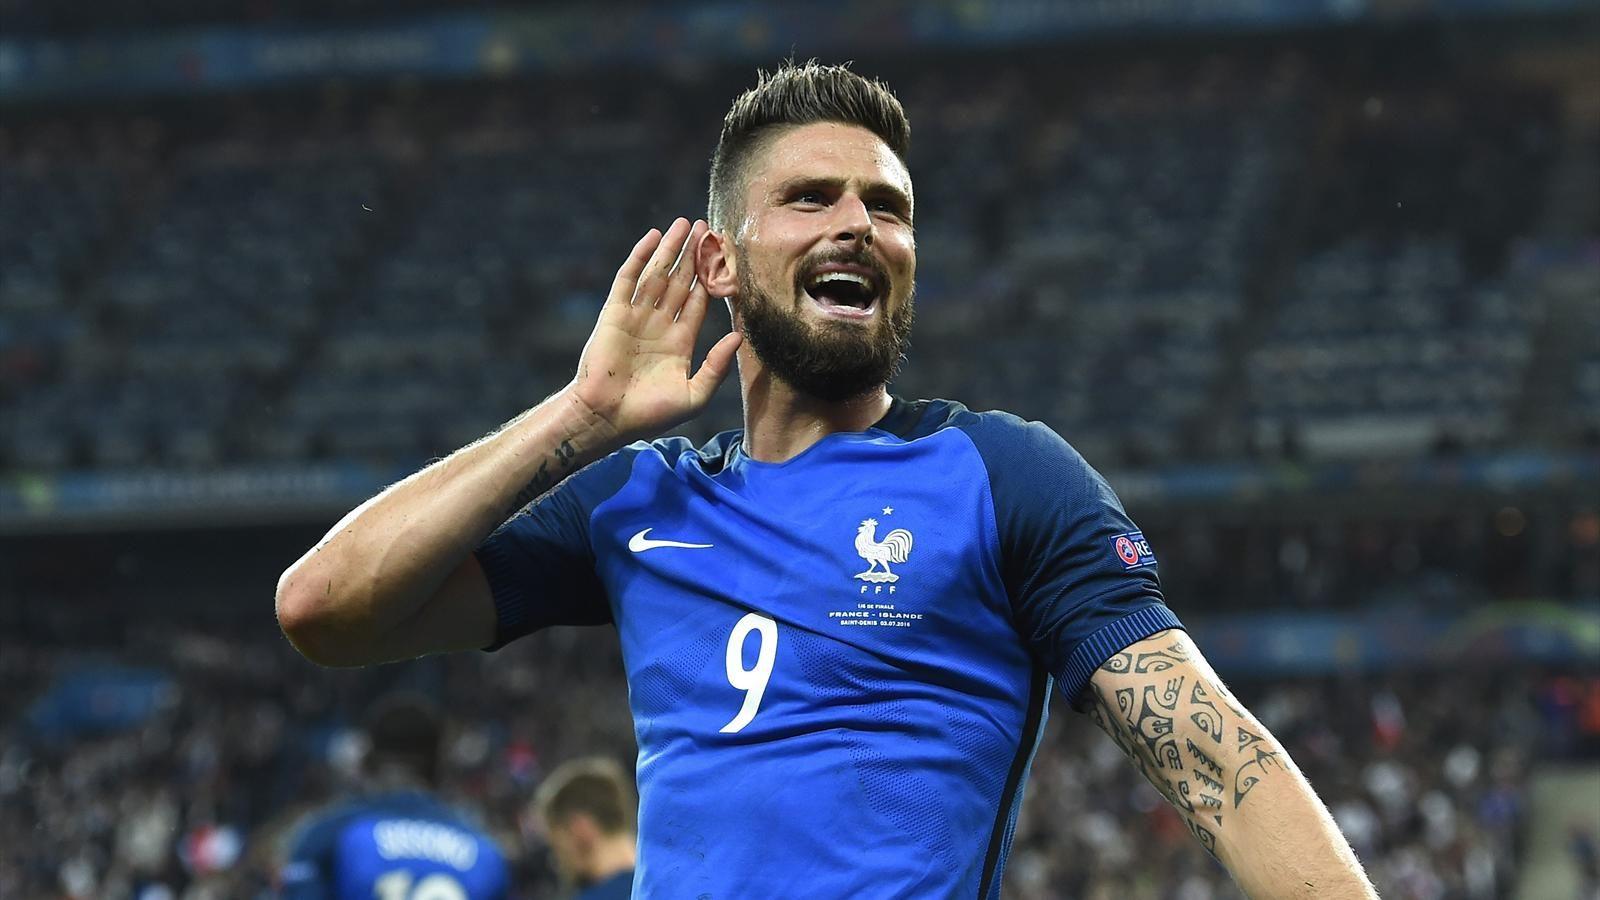 Liga Narodów: Kibice nie wierzą, Holandia płacze, Giroud strzela po trzy punkty